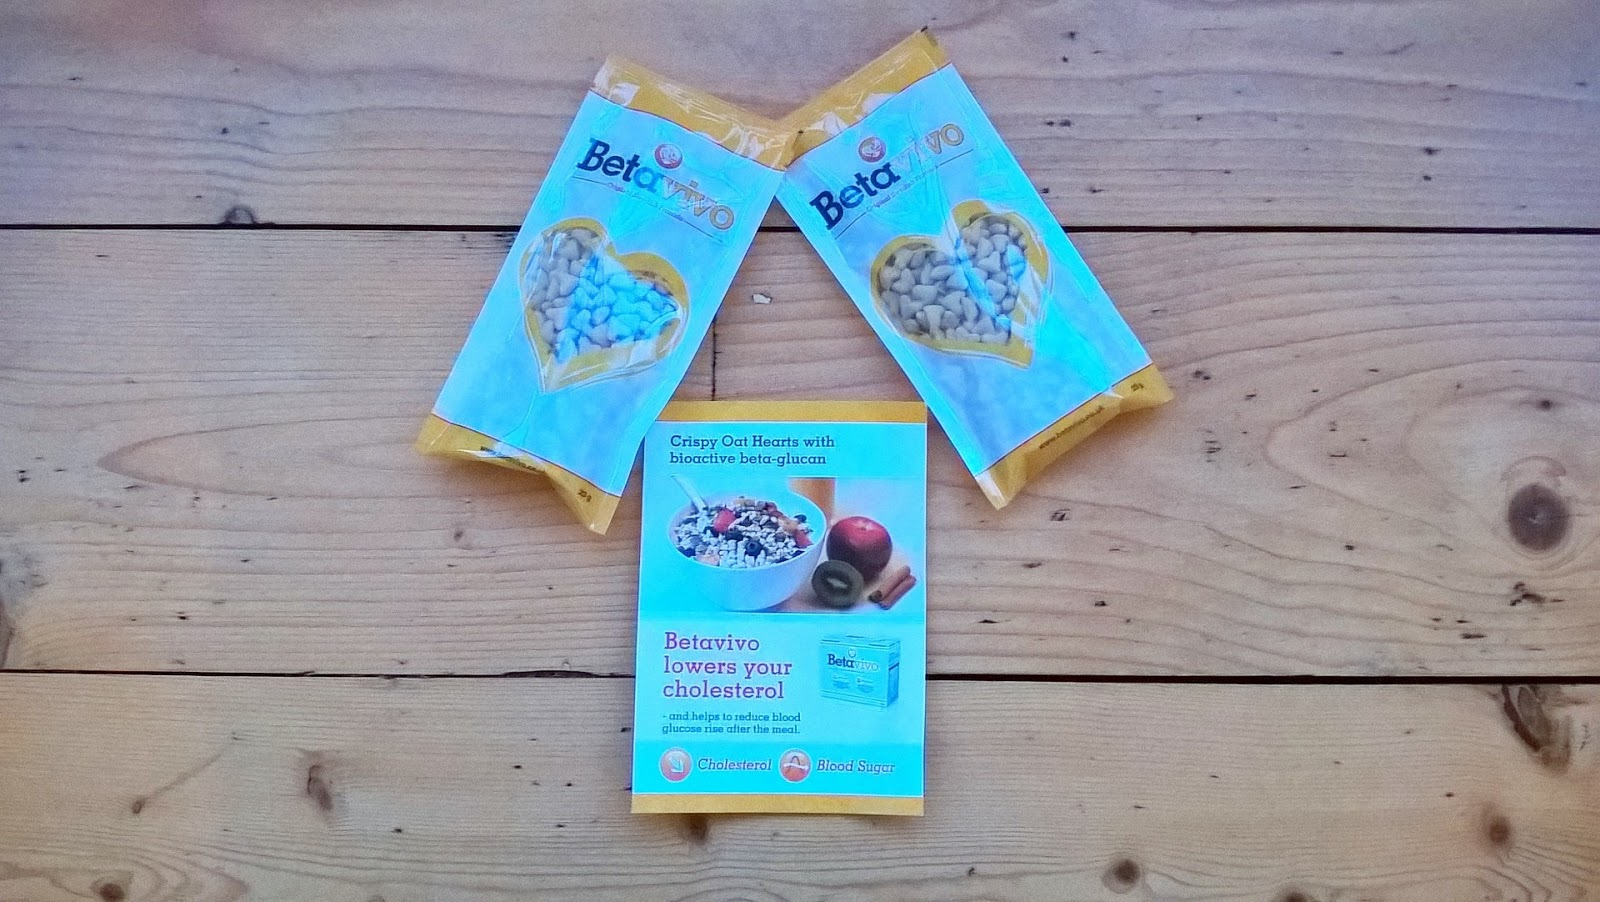 Betavivo Oat Cereal - Degustabox review - motherdistracted.co.uk